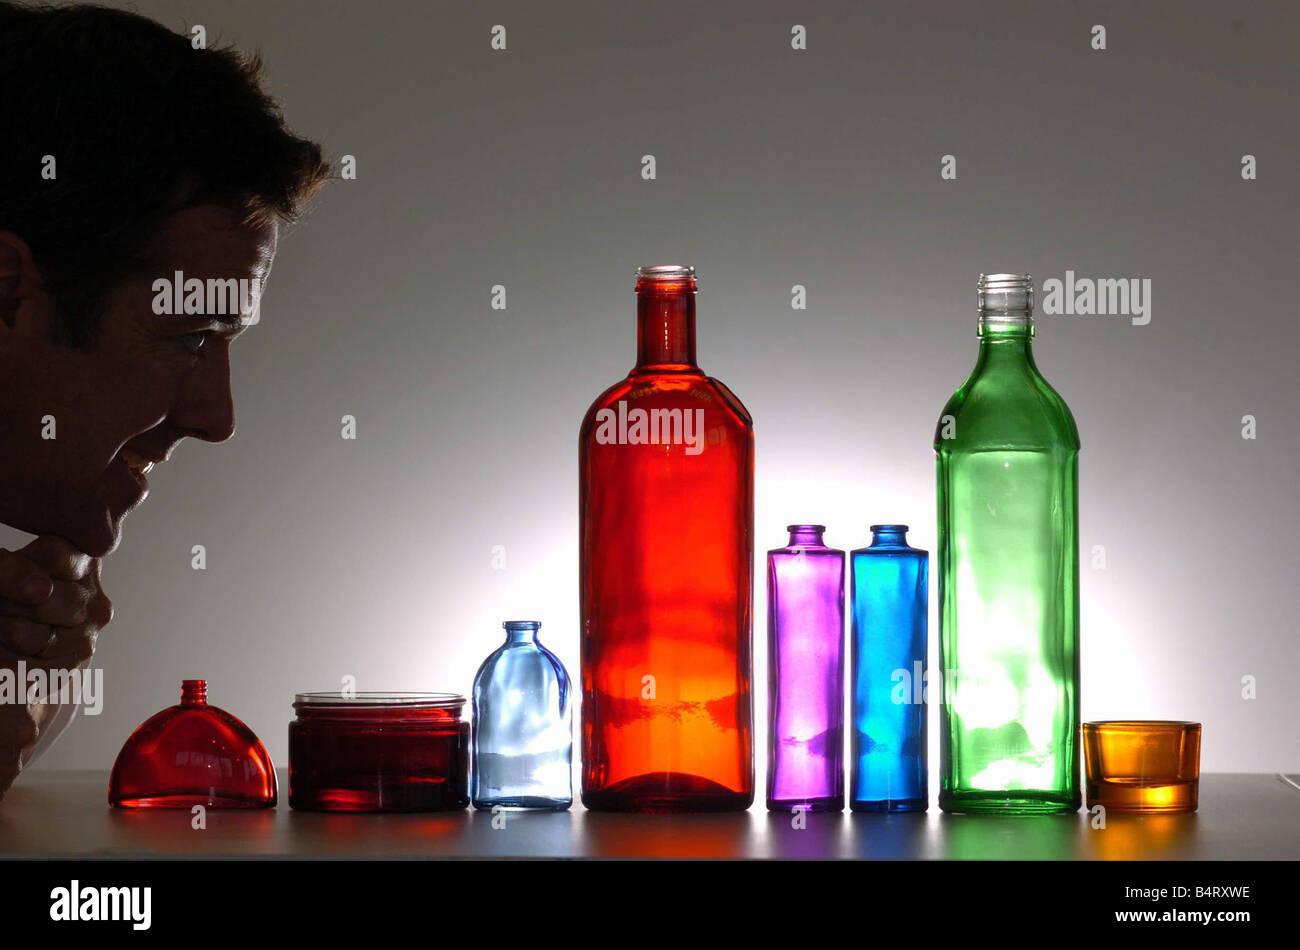 Robert Fiddes MD de Fiddes Glass Coating Limited Cardiff et une gamme de bouteilles avec revêtement en verre Photo Stock